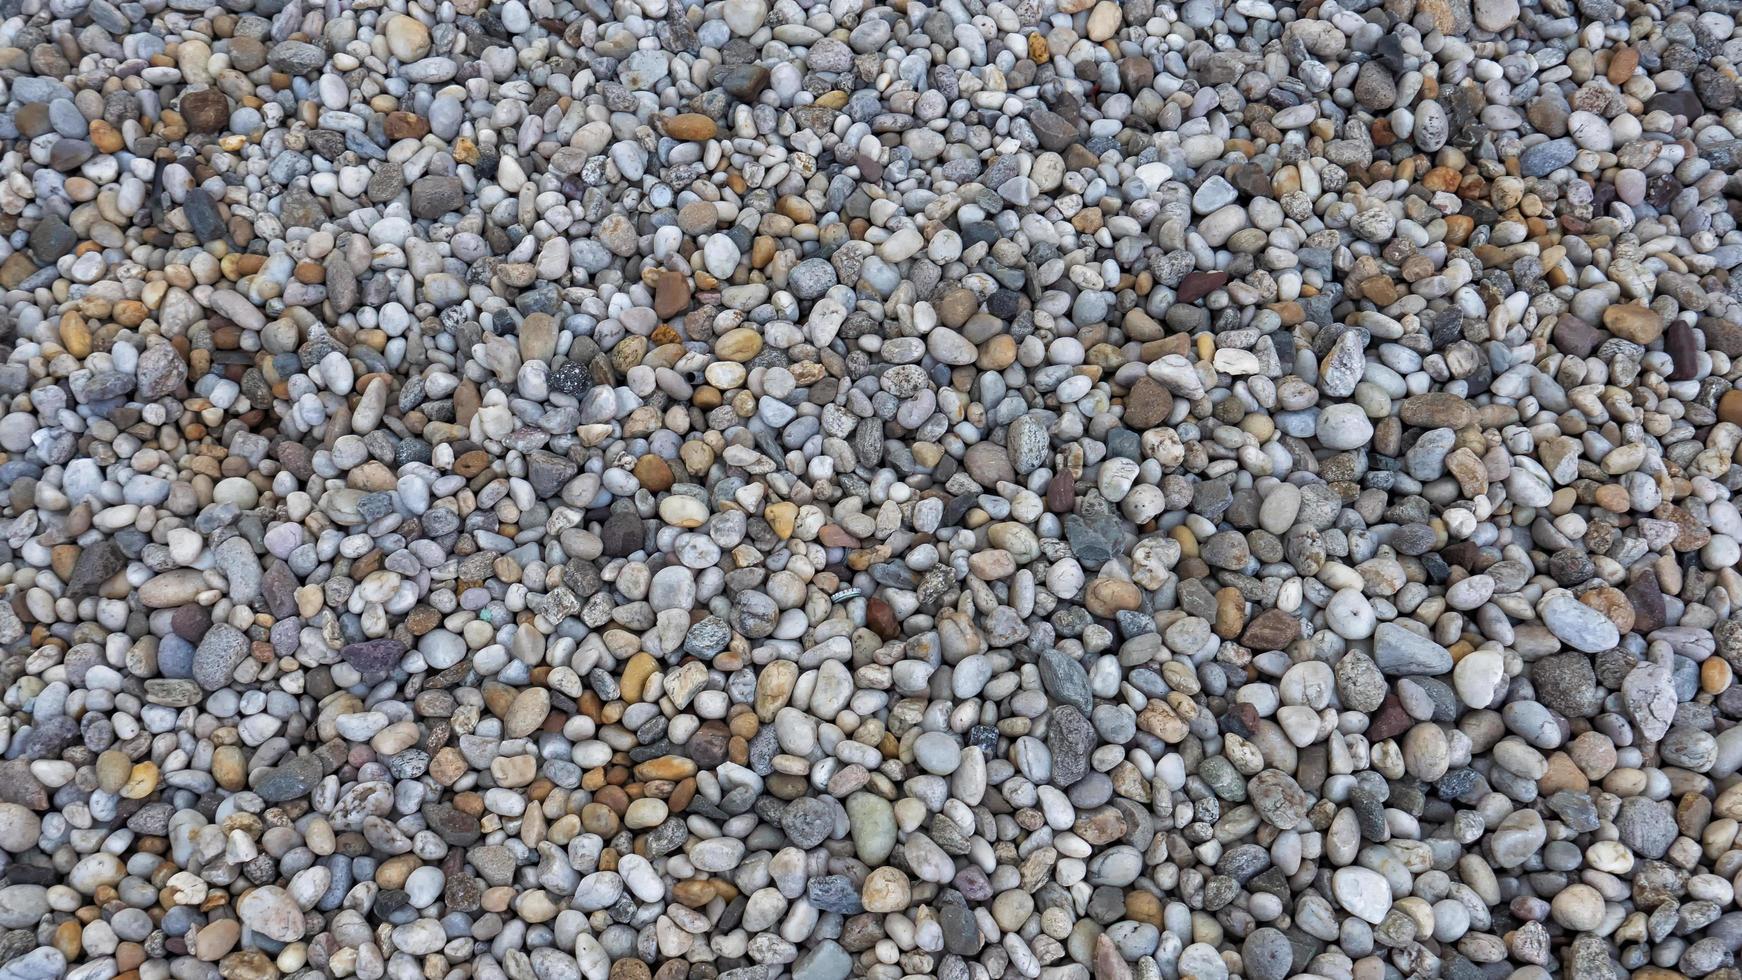 bunte Kieselsteine auf dem Boden foto